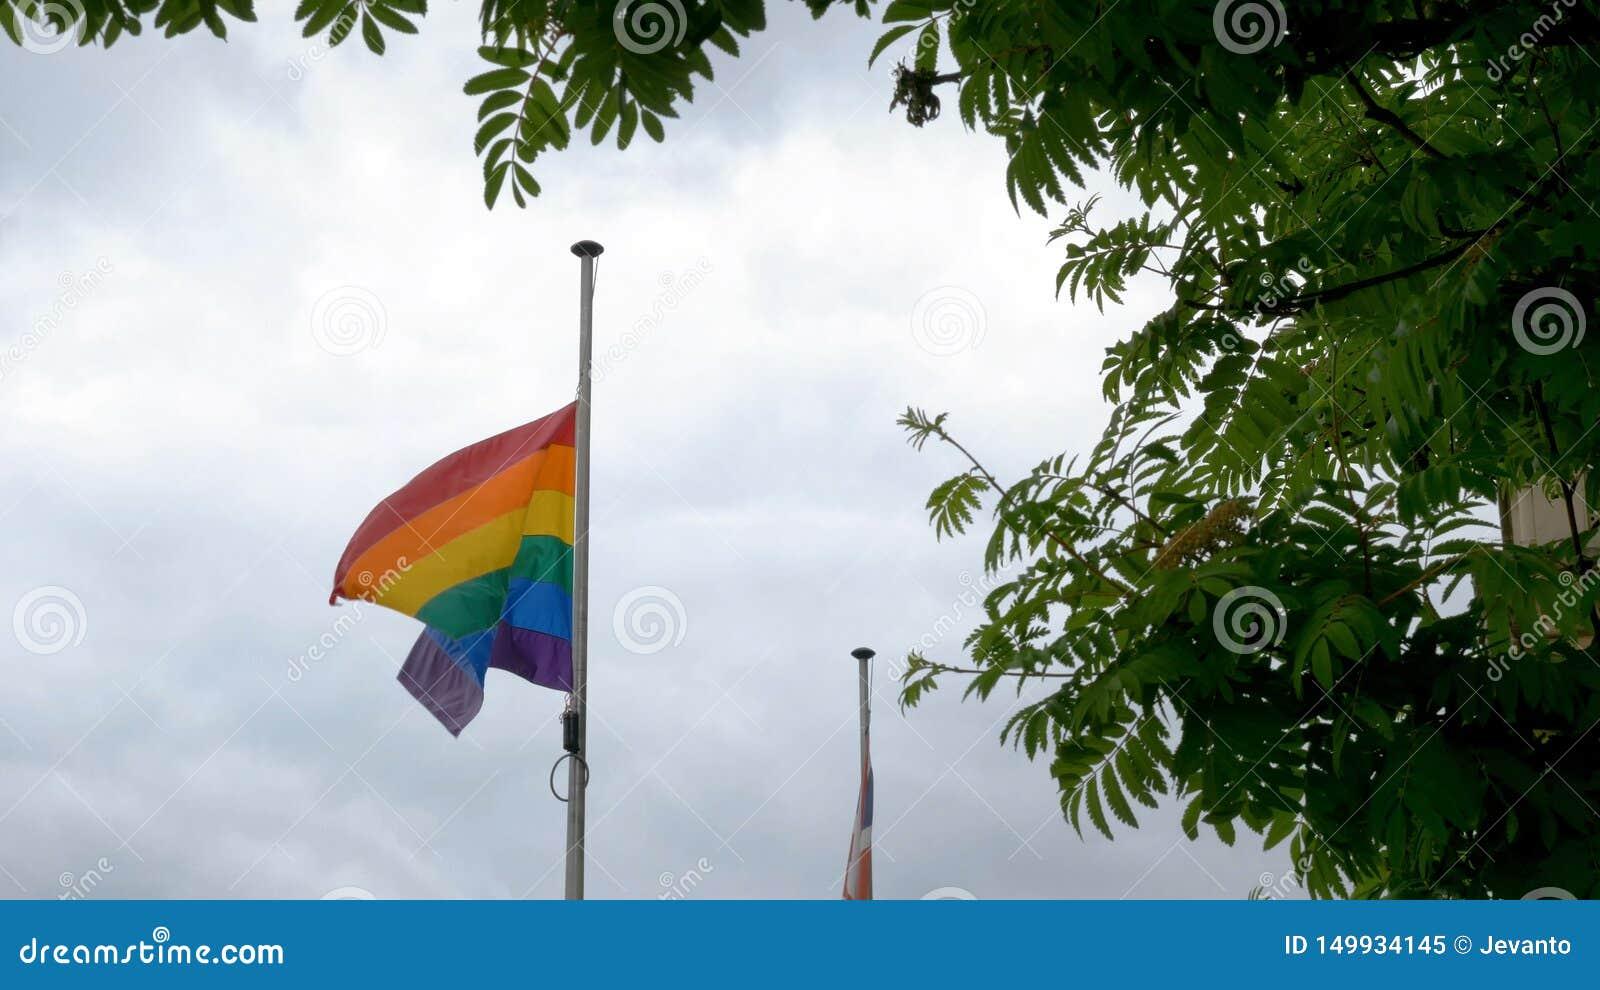 Σημαία υπερηφάνειας ουράνιων τόξων LGBT που κυματίζει στον αέρα στο νεφελώδες βρετανικό υπόβαθρο ουρανού στην Αγγλία του Νόρθαμπτ